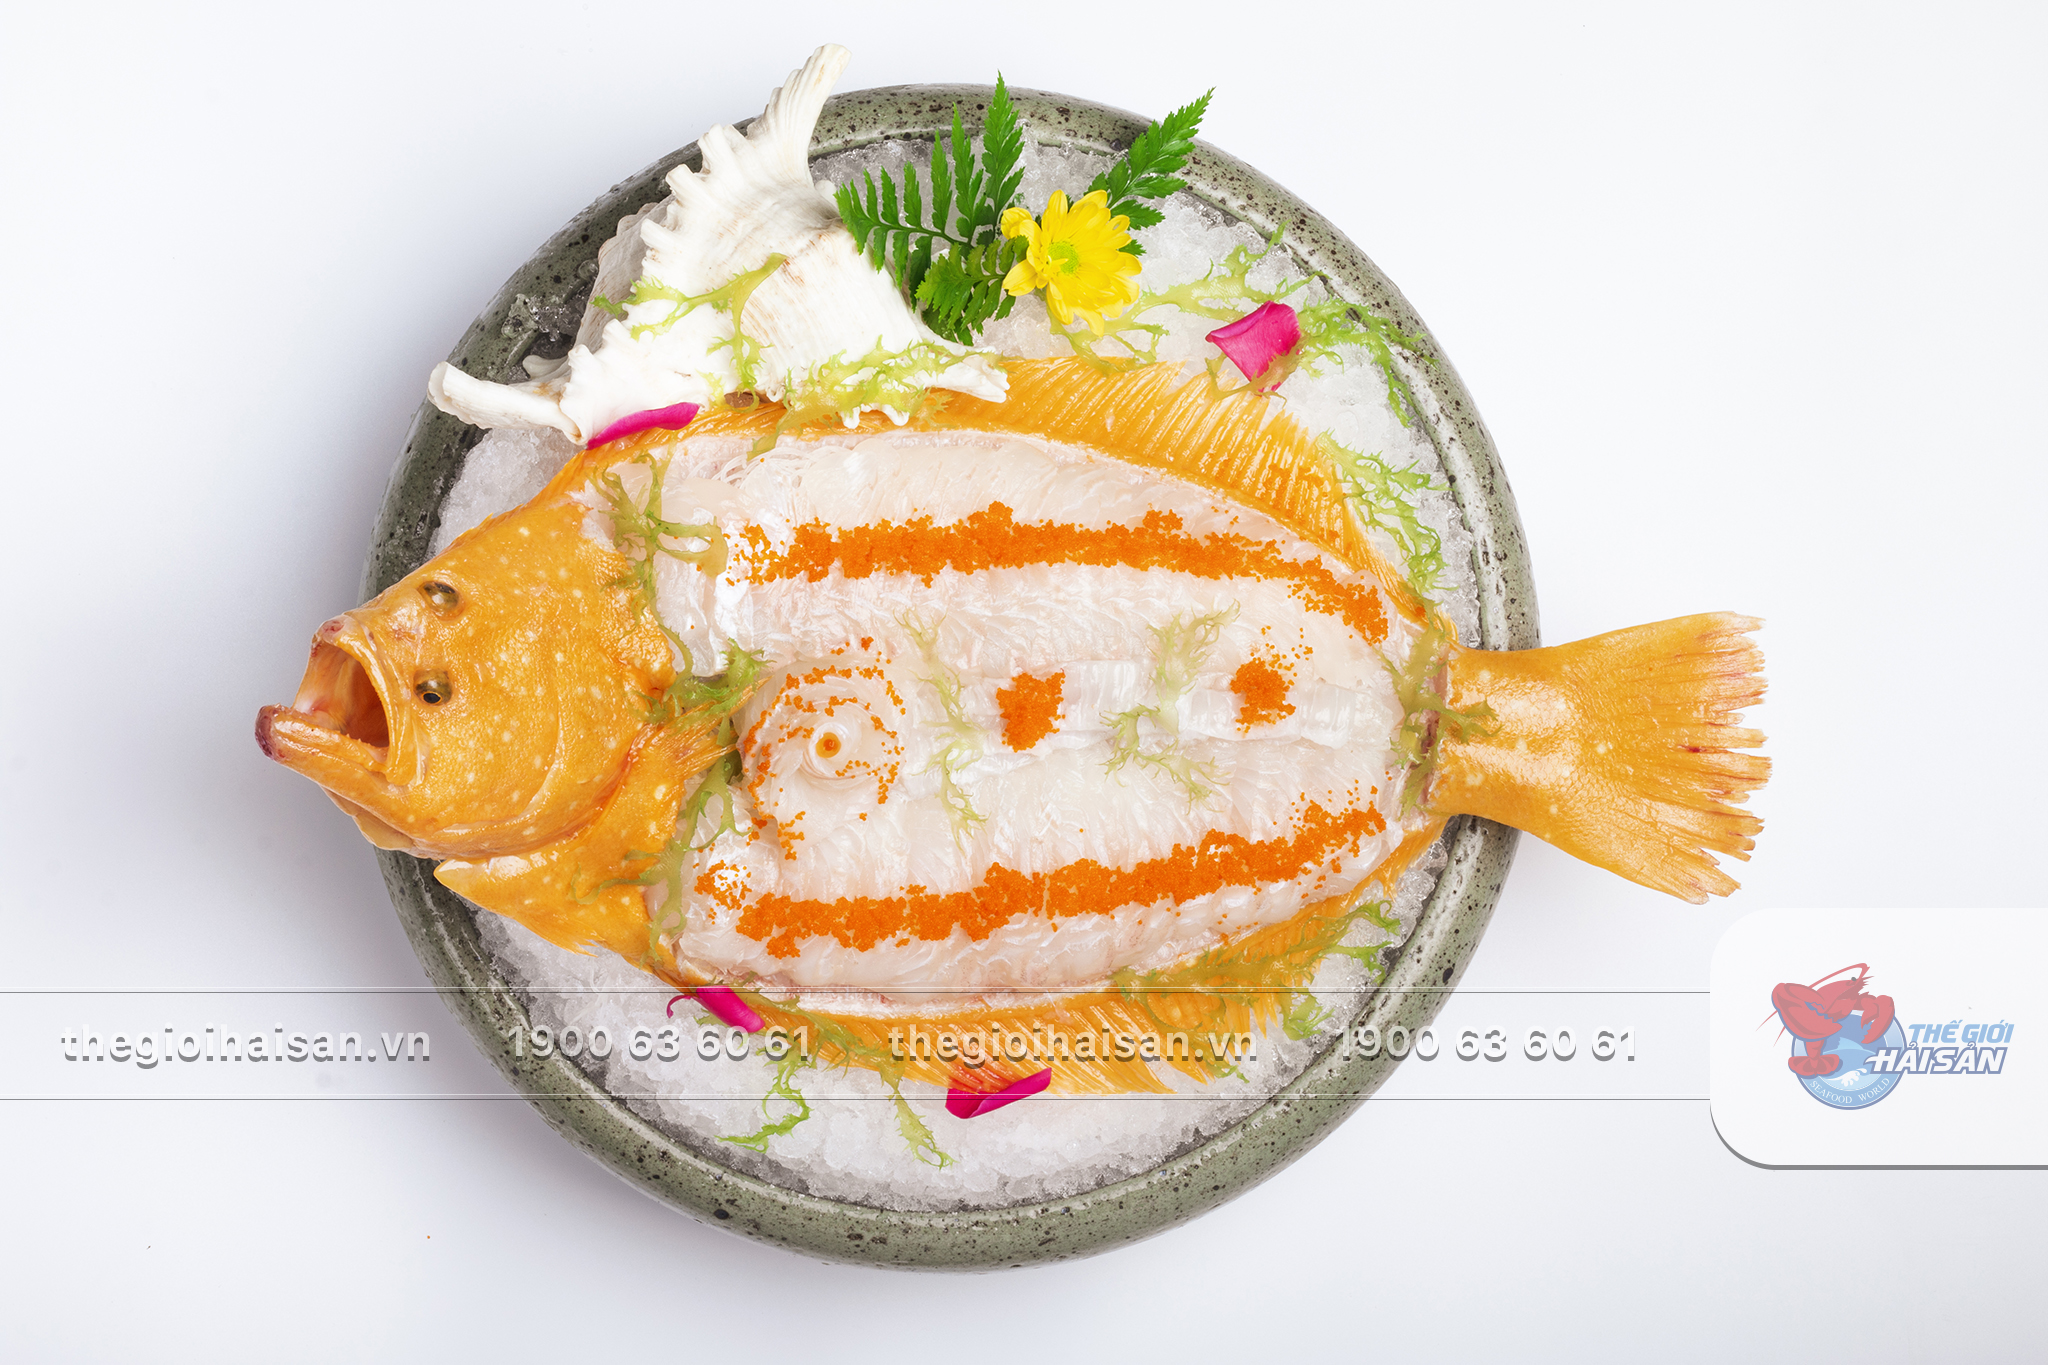 Sashimi cá bơn vàng - Một trong những món ăn được lòng thực khách nhất ở Thế giới hải sản